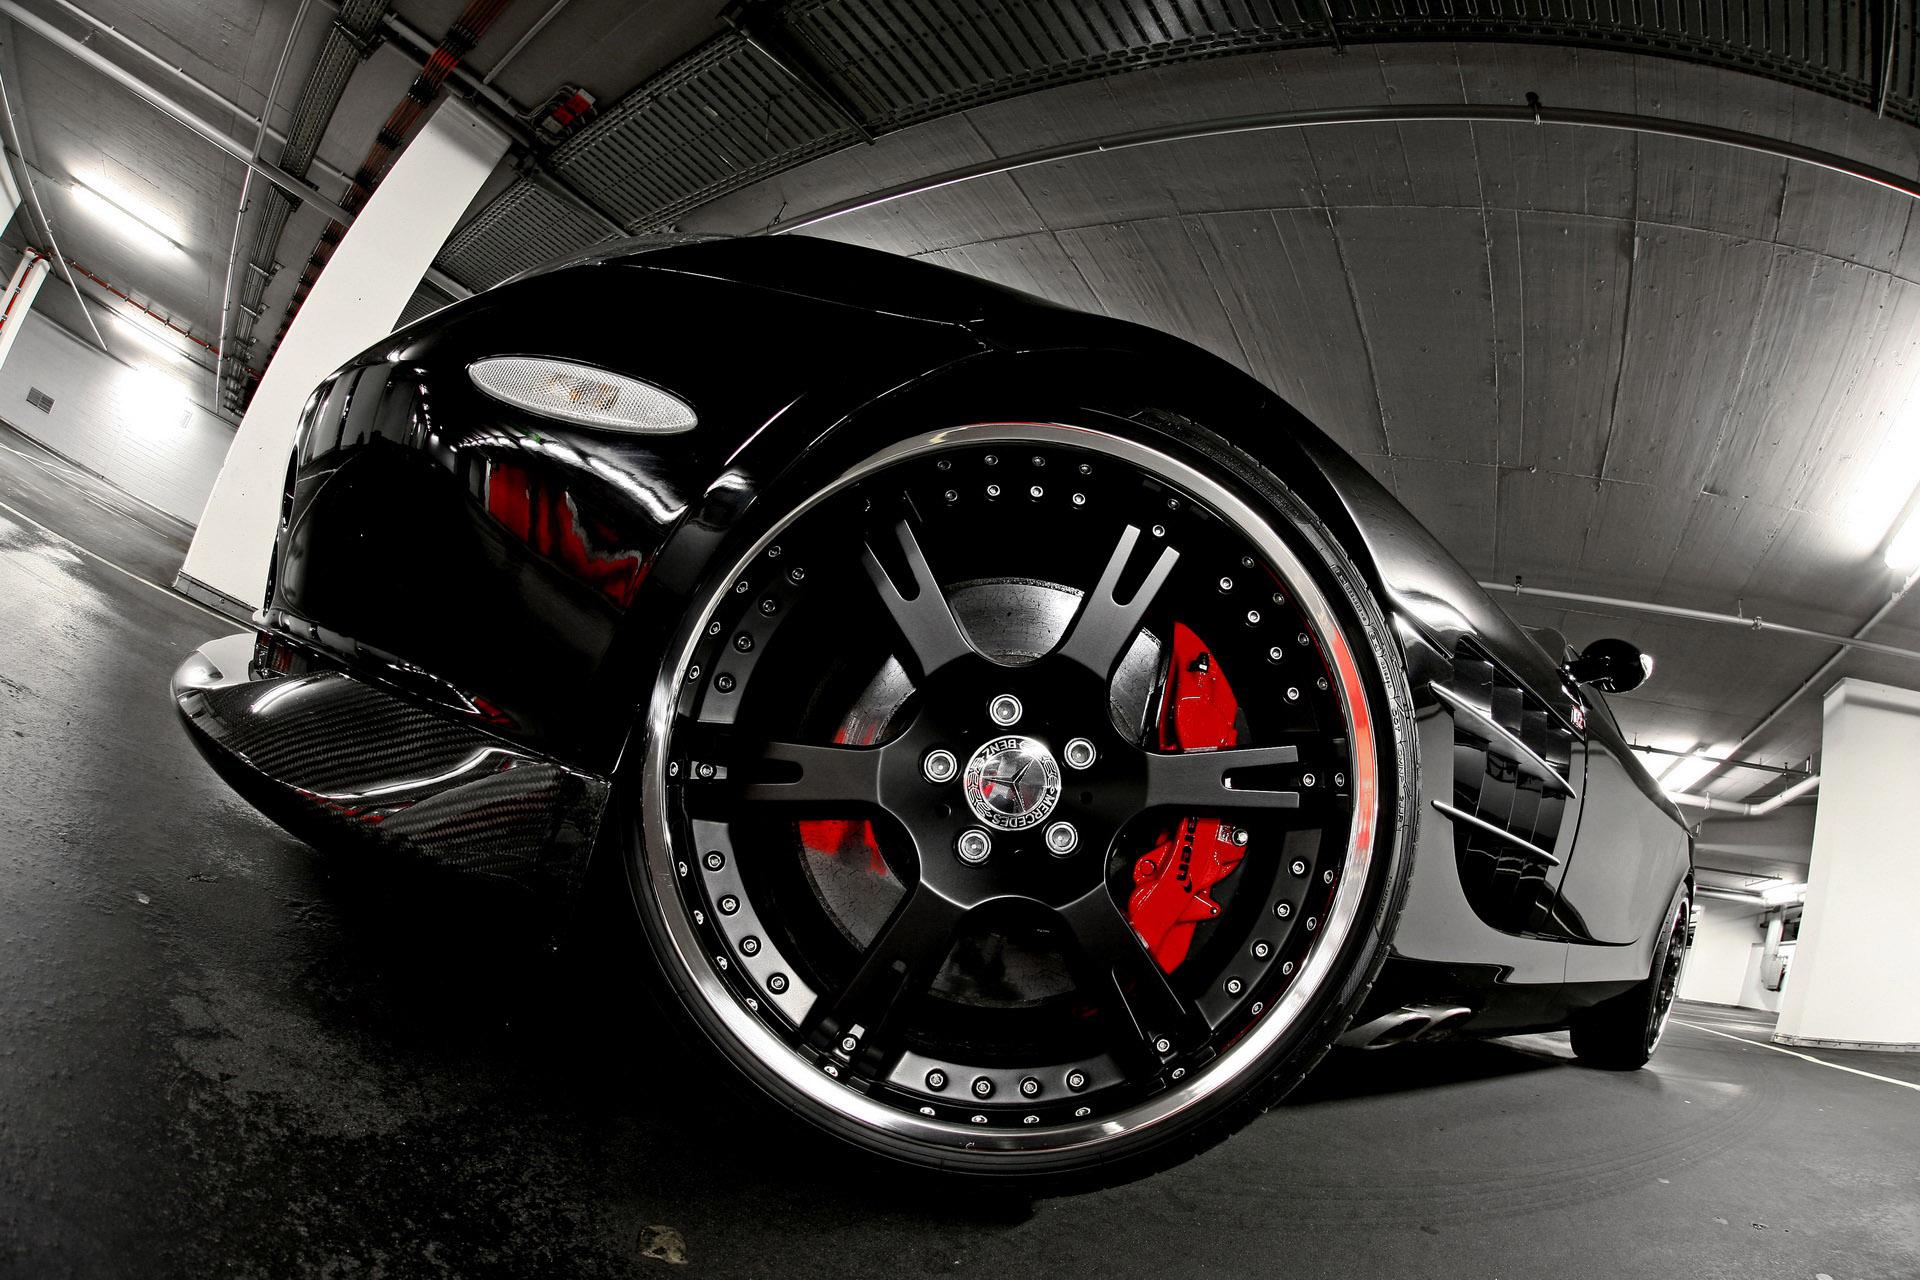 картинки машины крутые колеса волос один тонсредняя